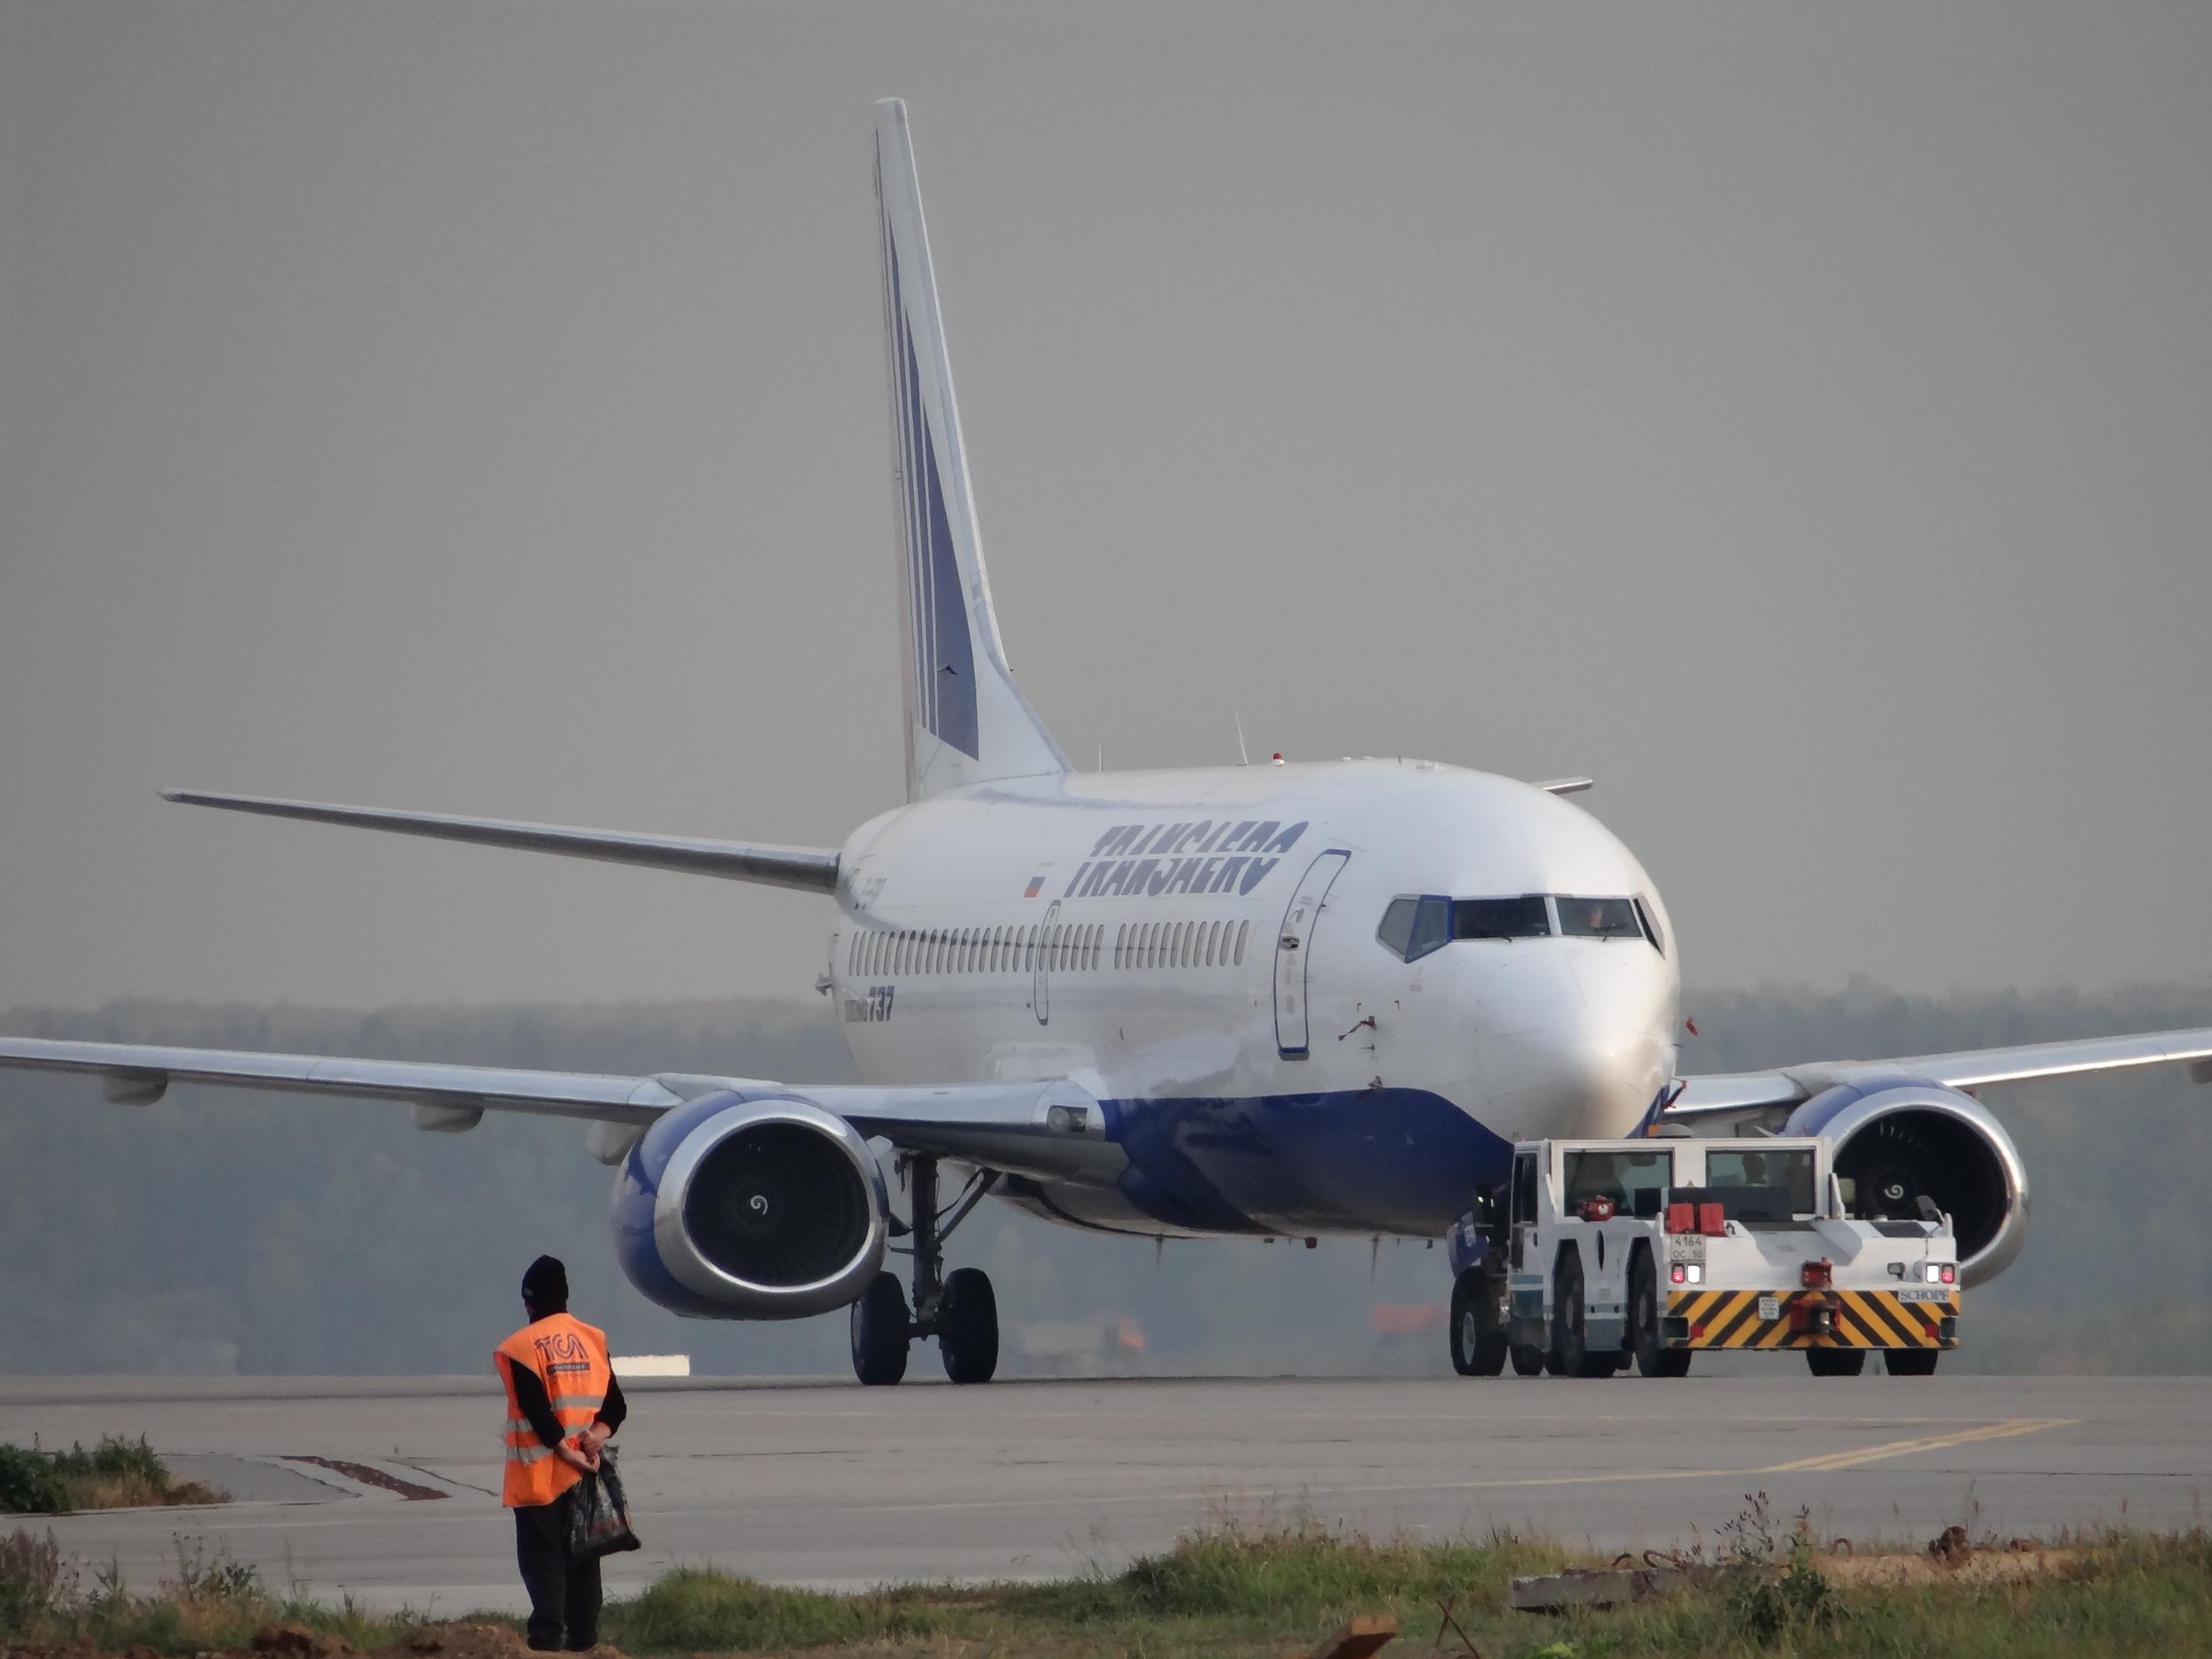 A Transaero Boeing 737 being tugged